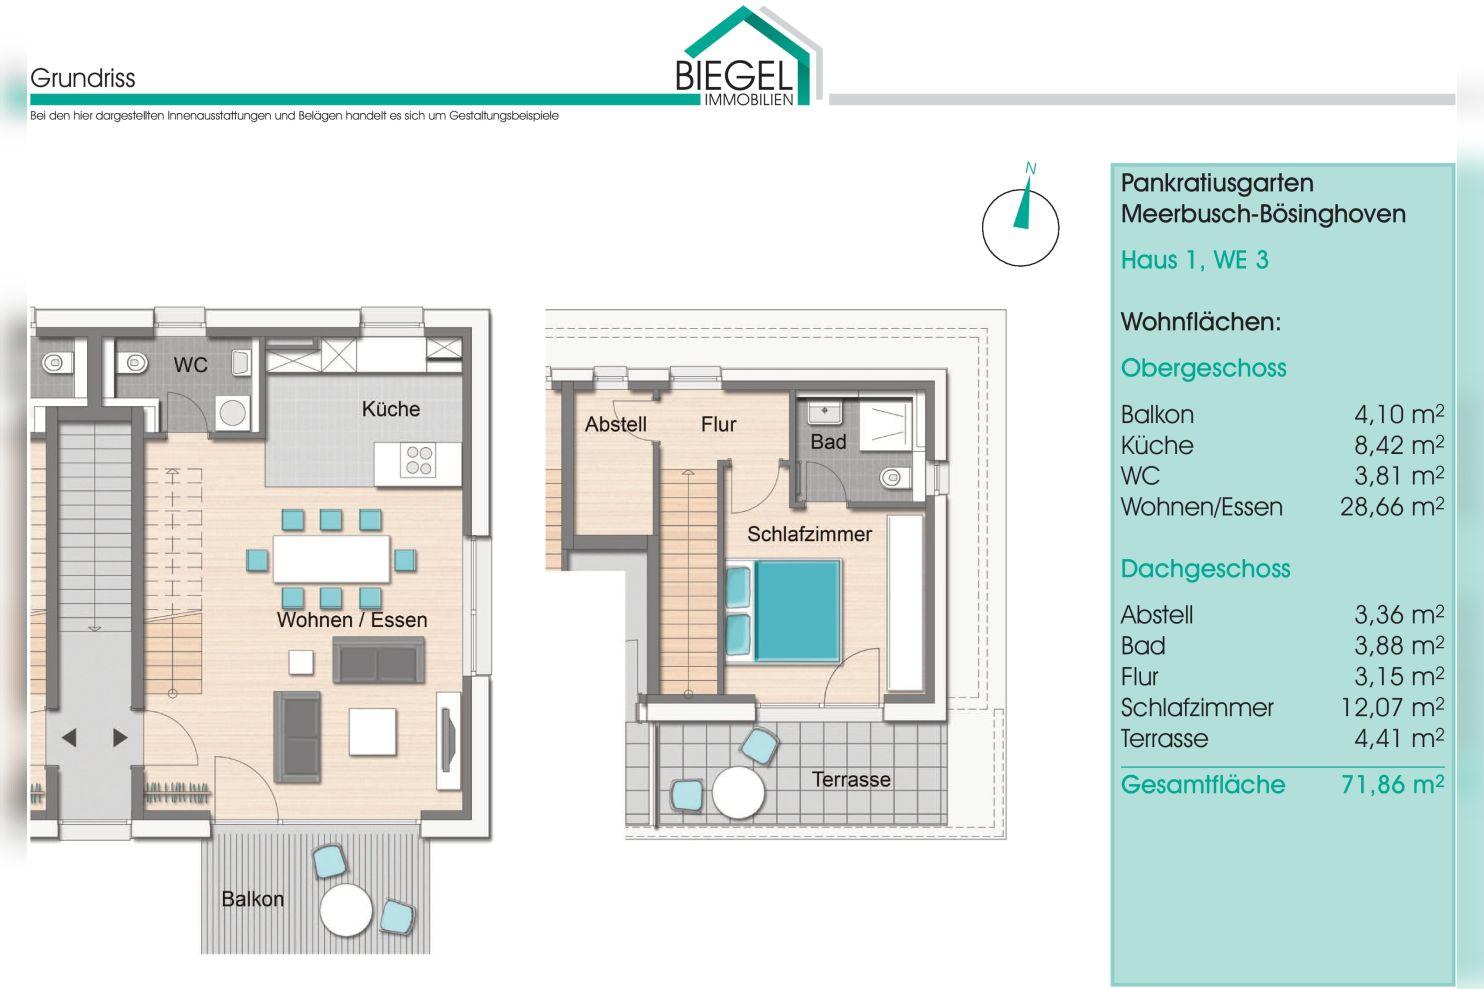 Immobilie Nr.BÖ-01.3   Von-Arenberg-Str. 27, 40668 Meerbusch-Bösinghoven